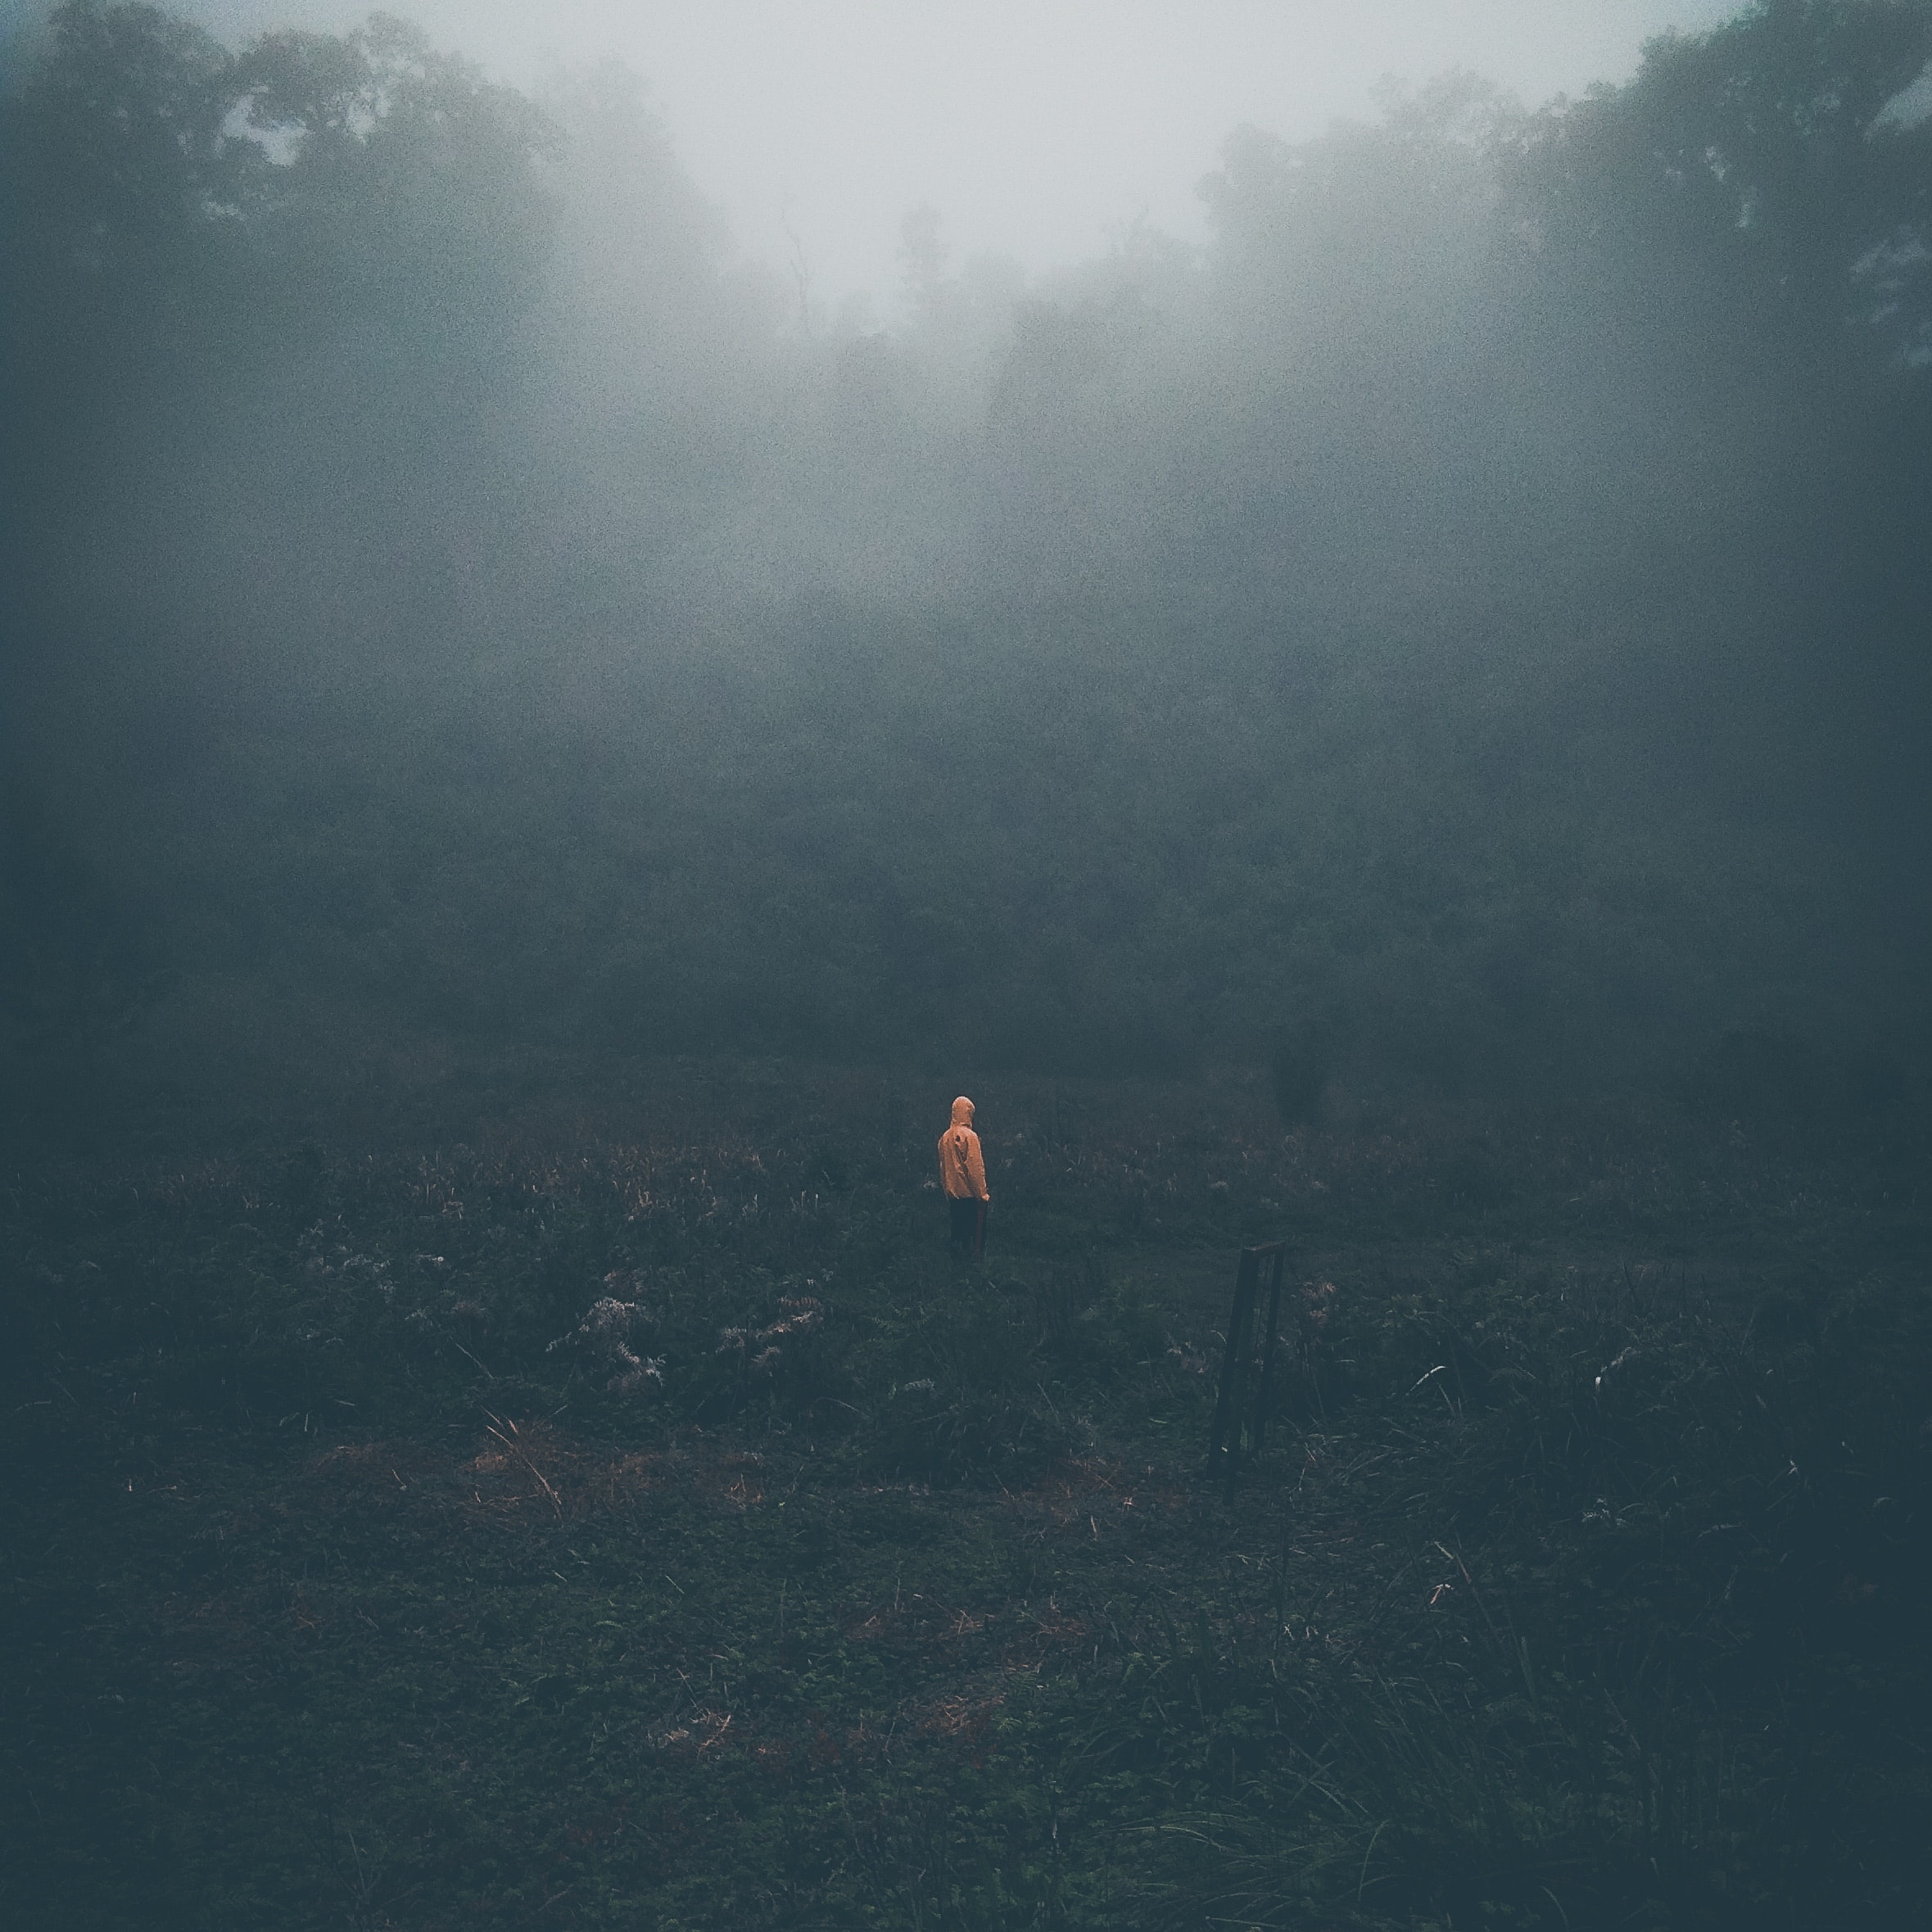 alone-dark-dark-background-2894944